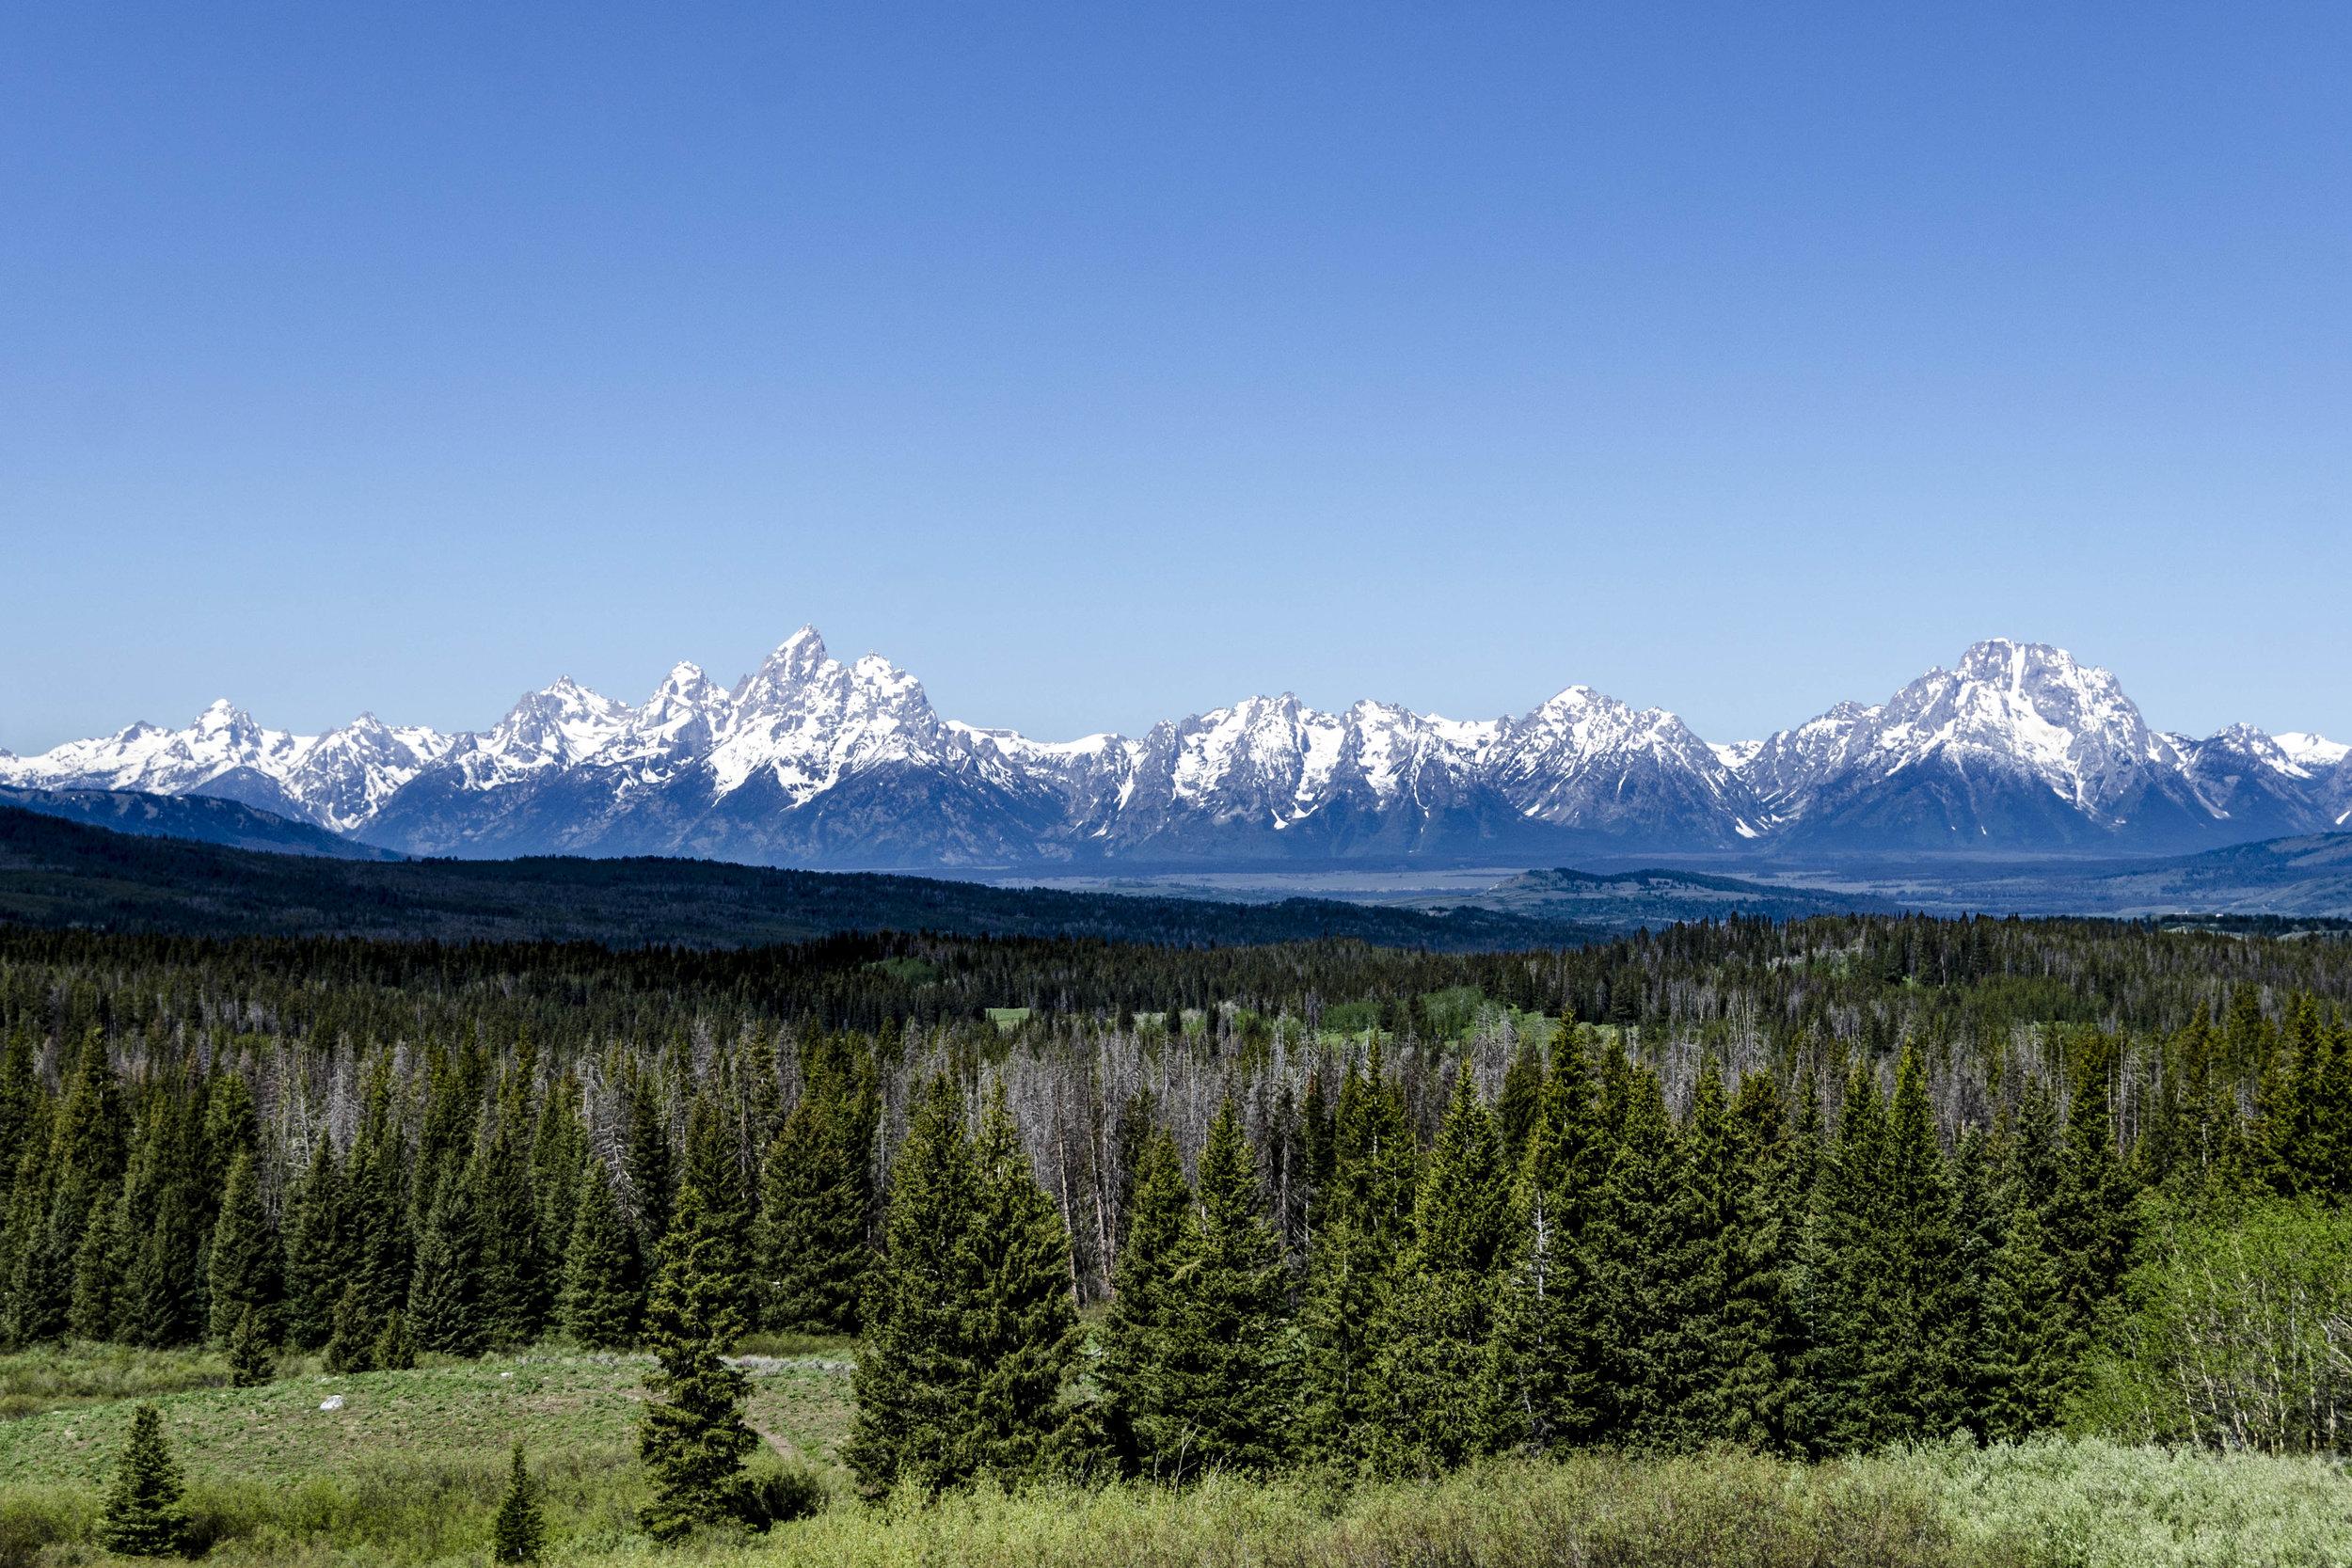 First view of the Grand Teton Mountain Range.